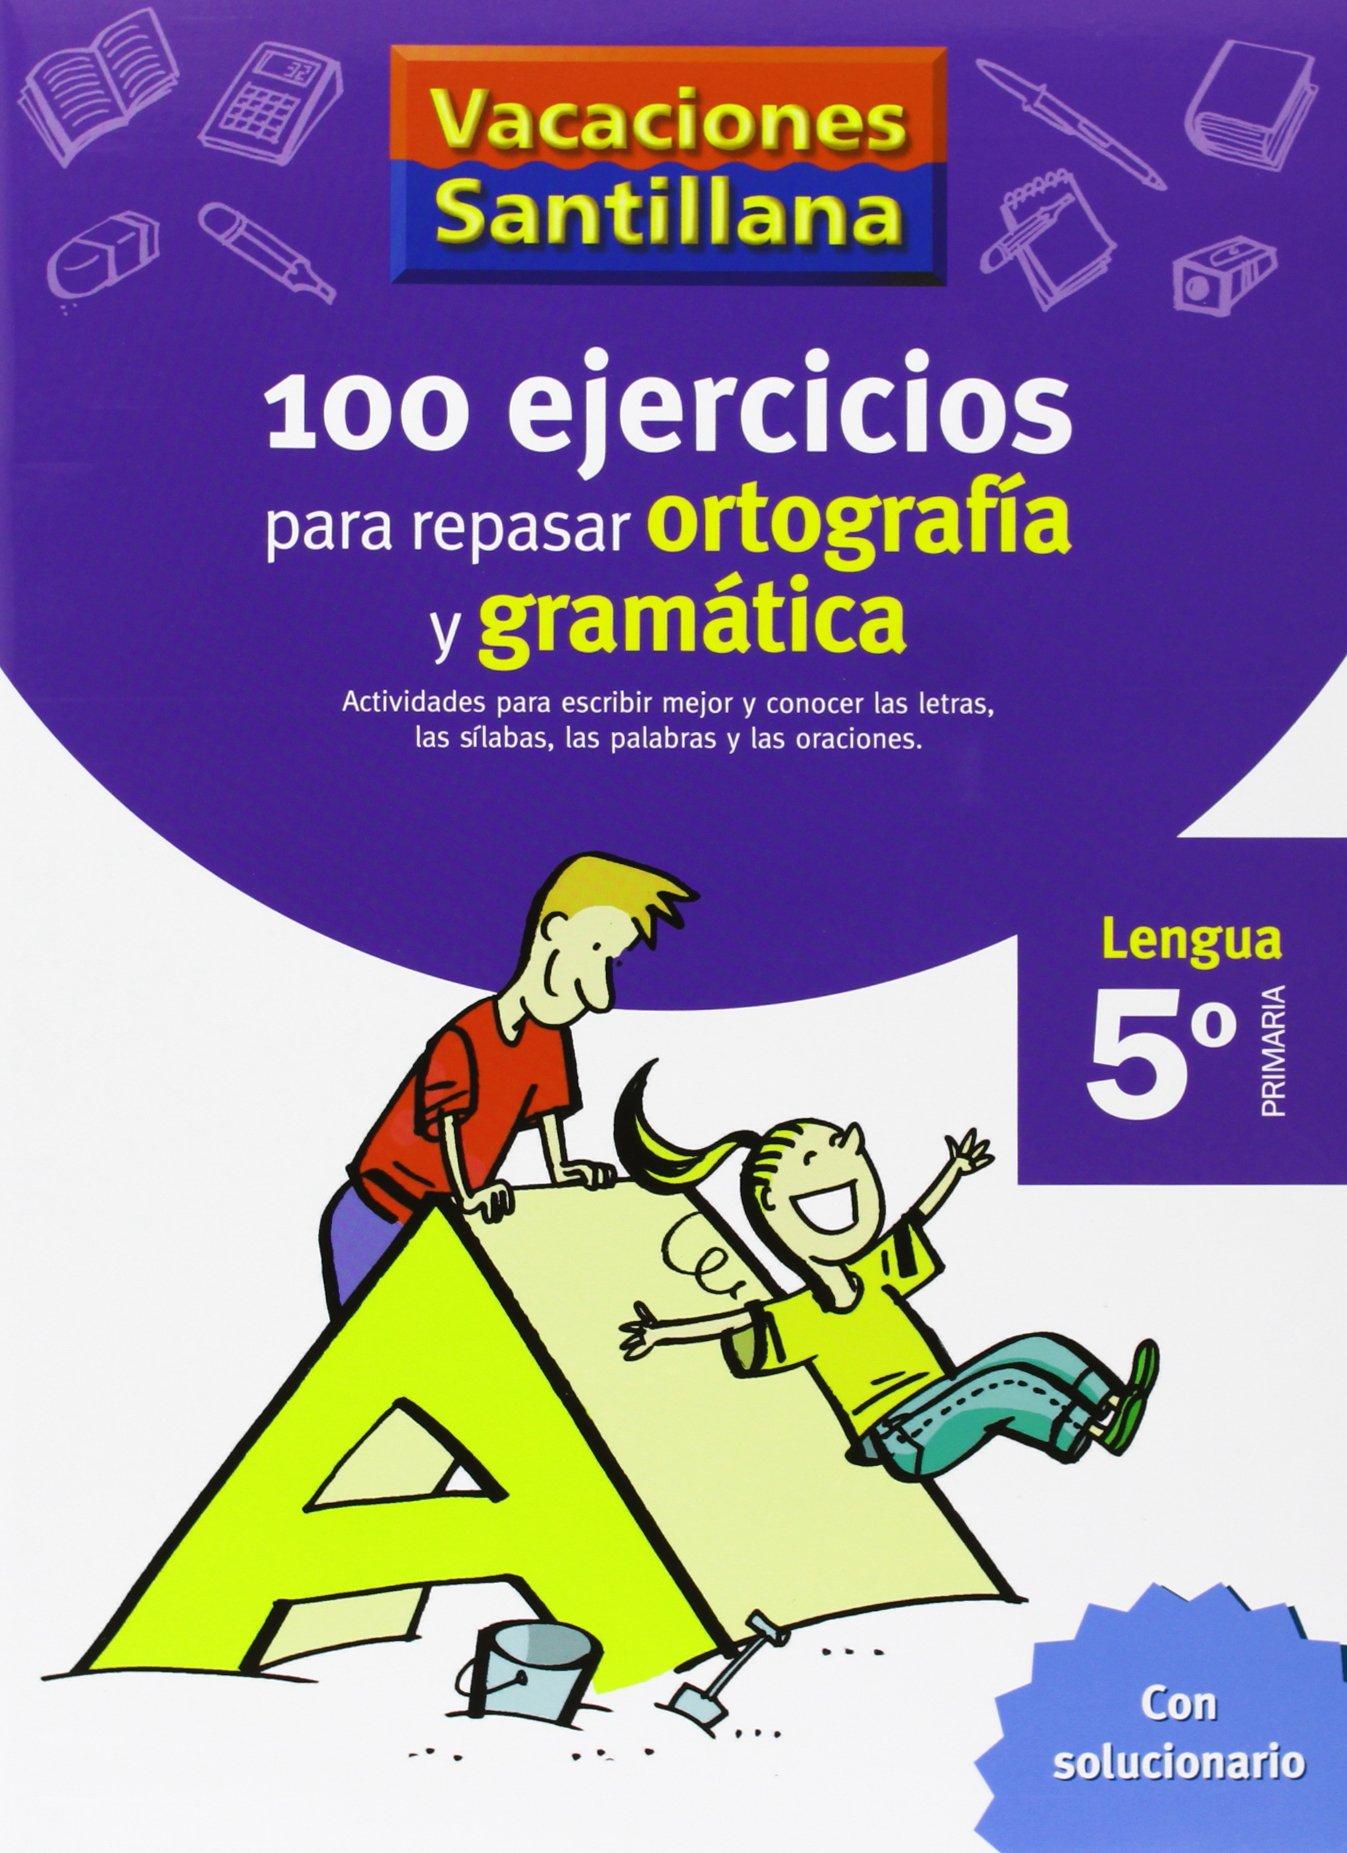 Read Online VACACIONES SANTILLANA 100 EJERCICIOS PARA REPASAR ORTOGRAFIA Y GRAMATICA LENGUA 5 PRIMARIA ePub fb2 ebook